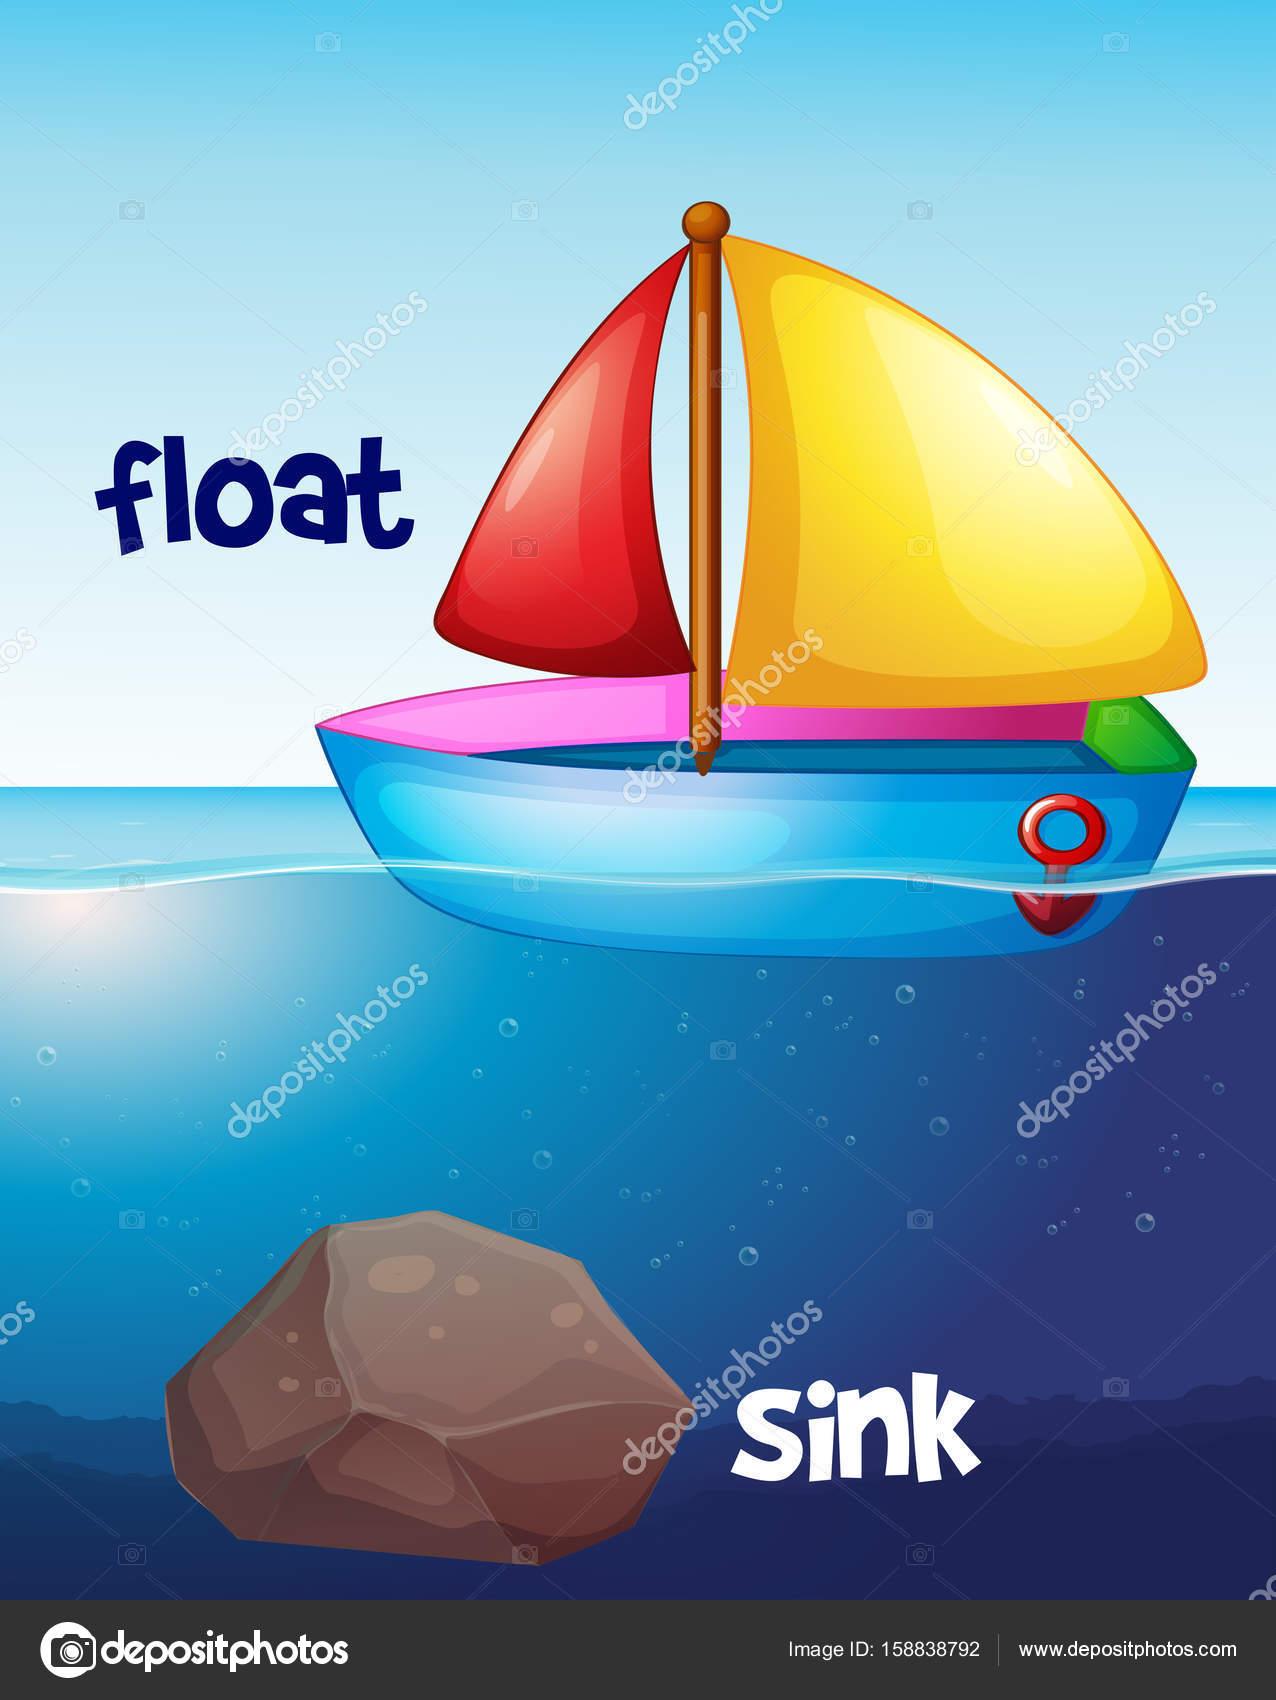 float vs sink images